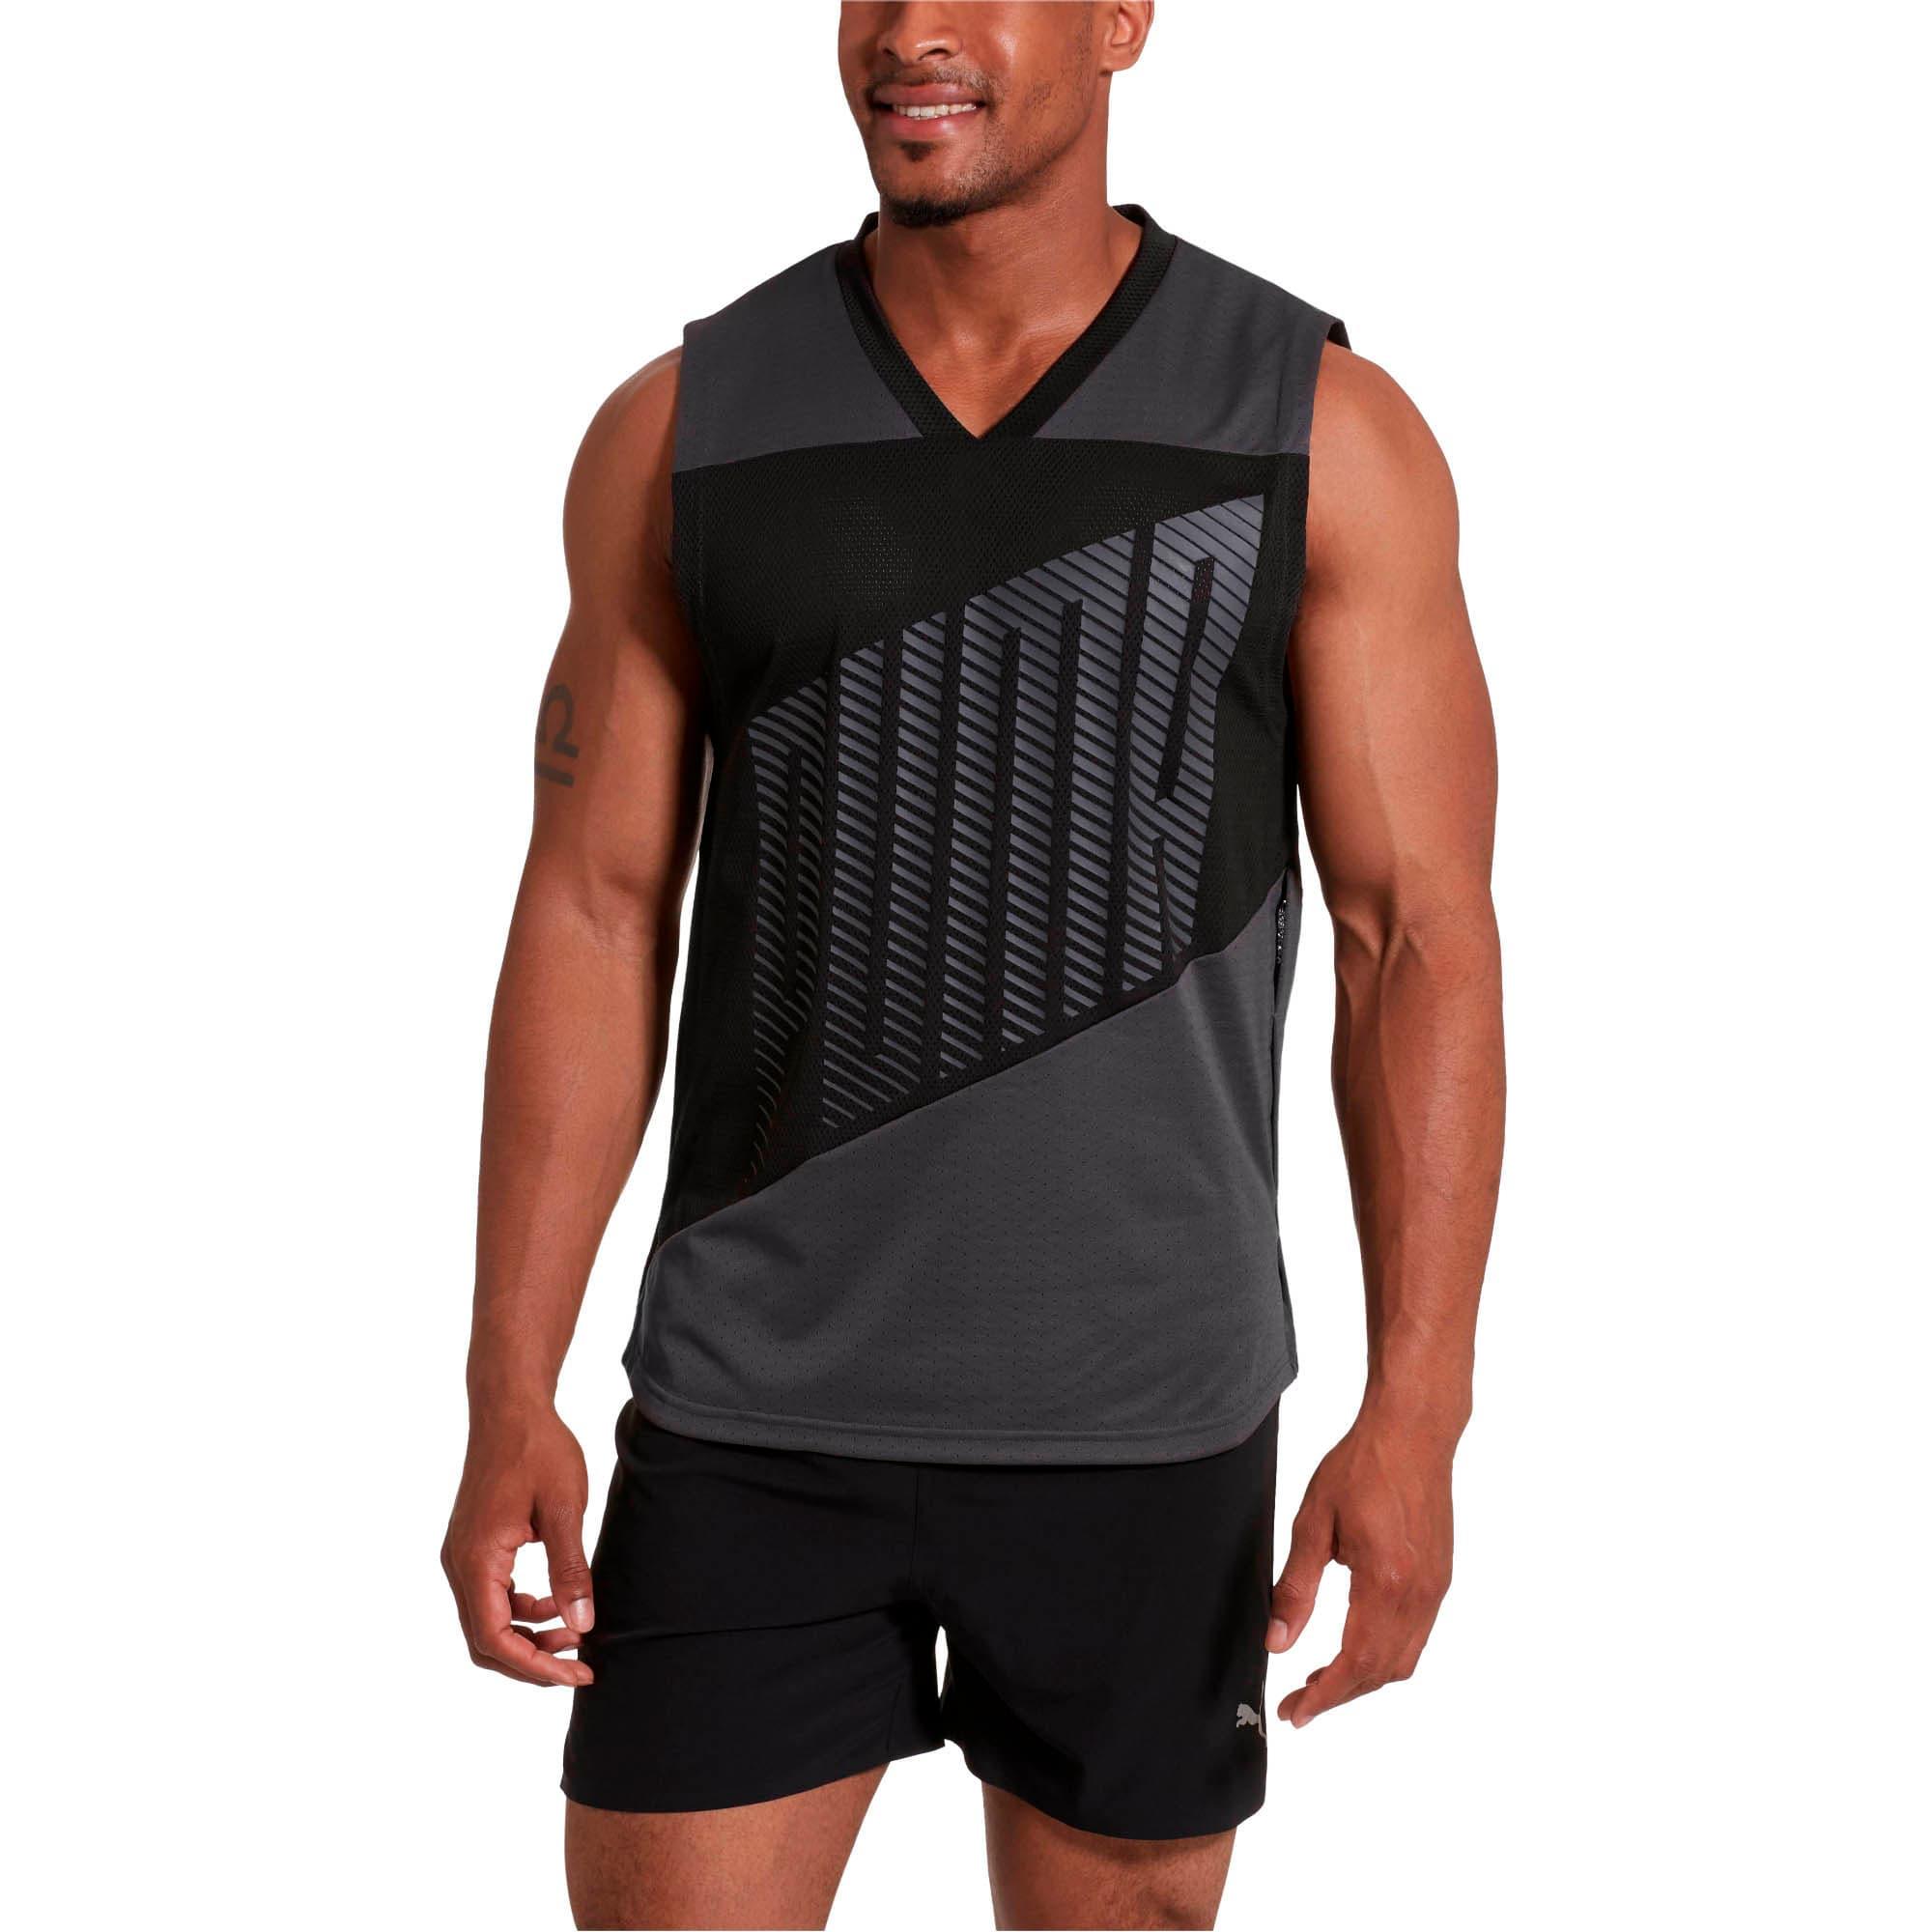 Miniatura 1 de Camiseta sin mangas A.C.E. para hombre, Asphalt-Puma Black, mediano